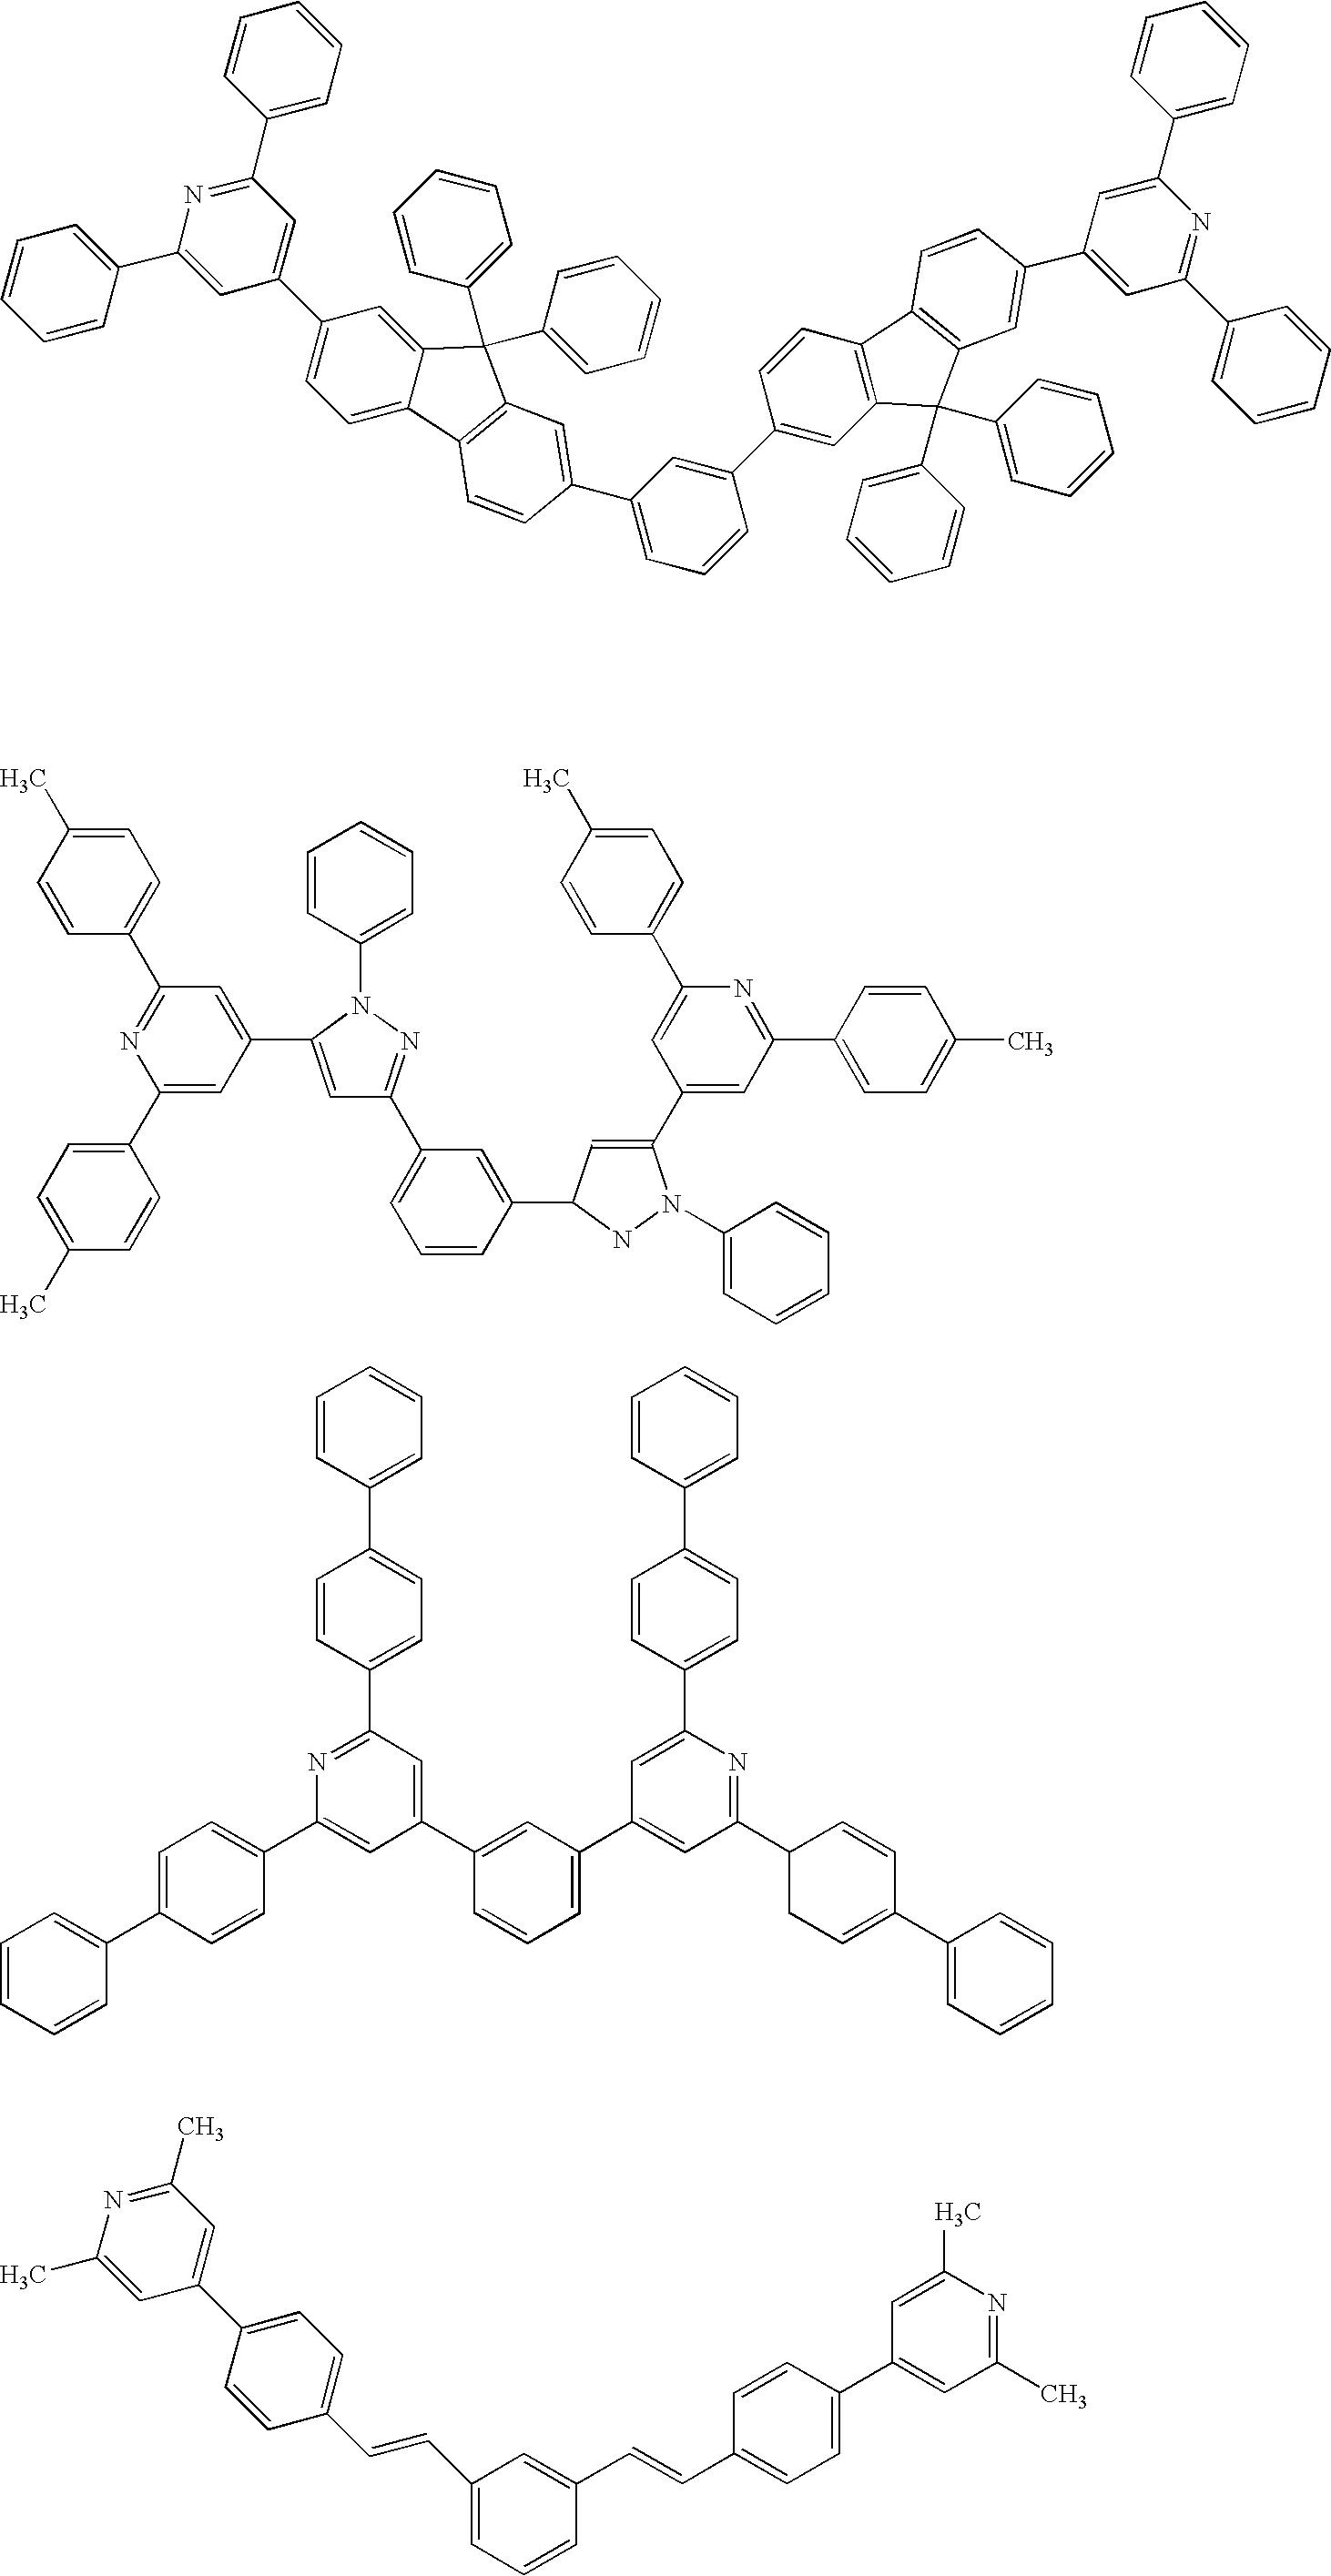 Figure US20060186796A1-20060824-C00042